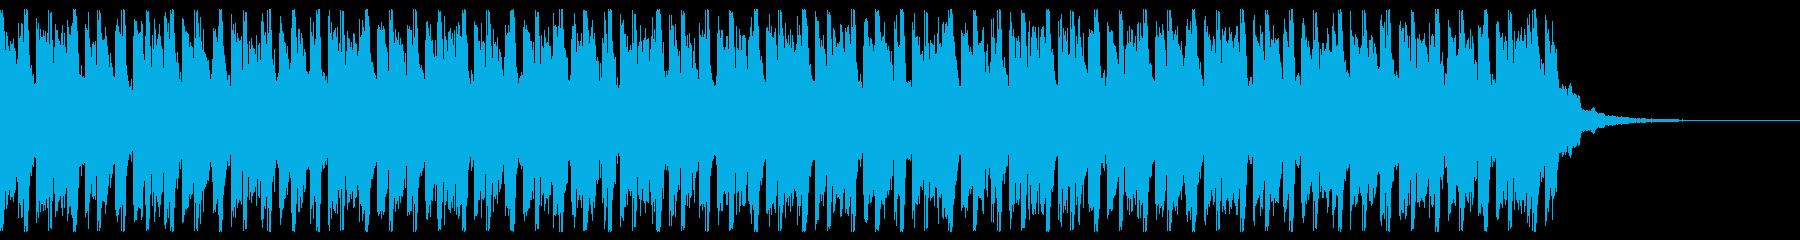 サマーダンスパーティー(ショート2)の再生済みの波形